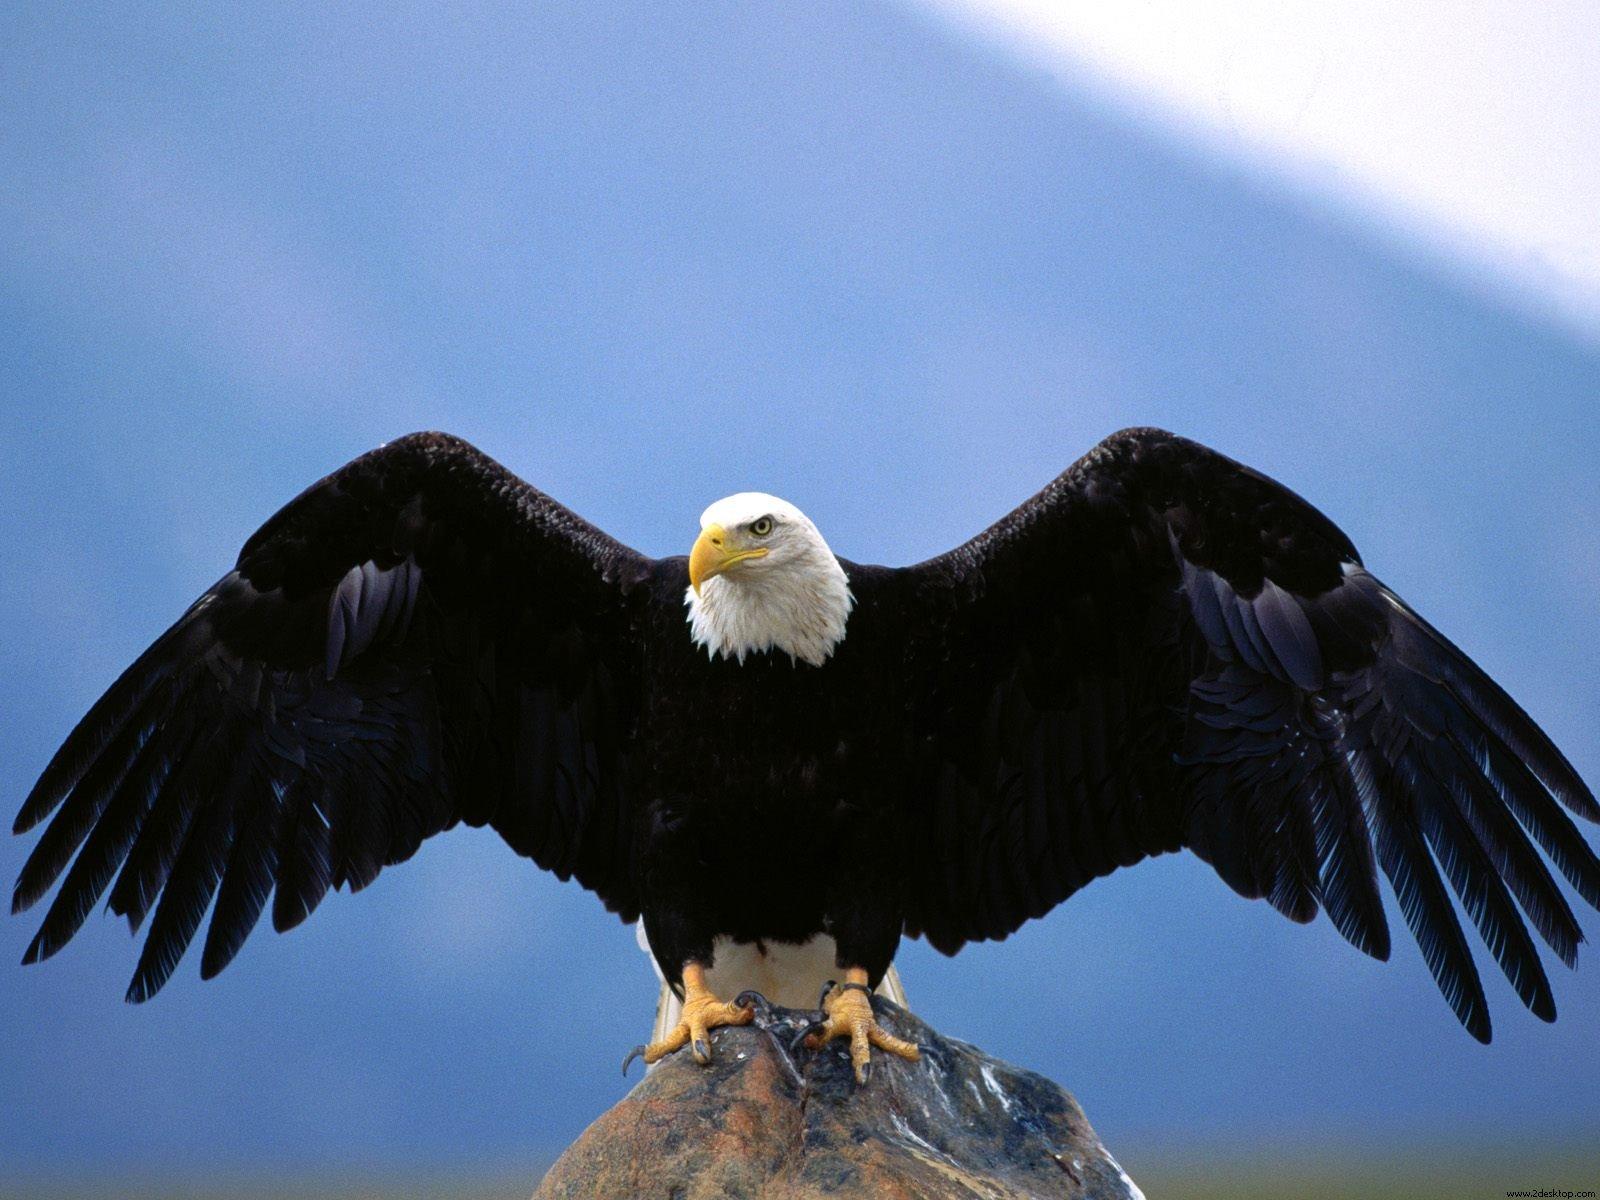 http://4.bp.blogspot.com/-sXzsgkoL0O0/TjhwxBBVL0I/AAAAAAAAAFw/MESXmUpSQ90/s1600/Wingspan%2BBald%2BEagle.jpg